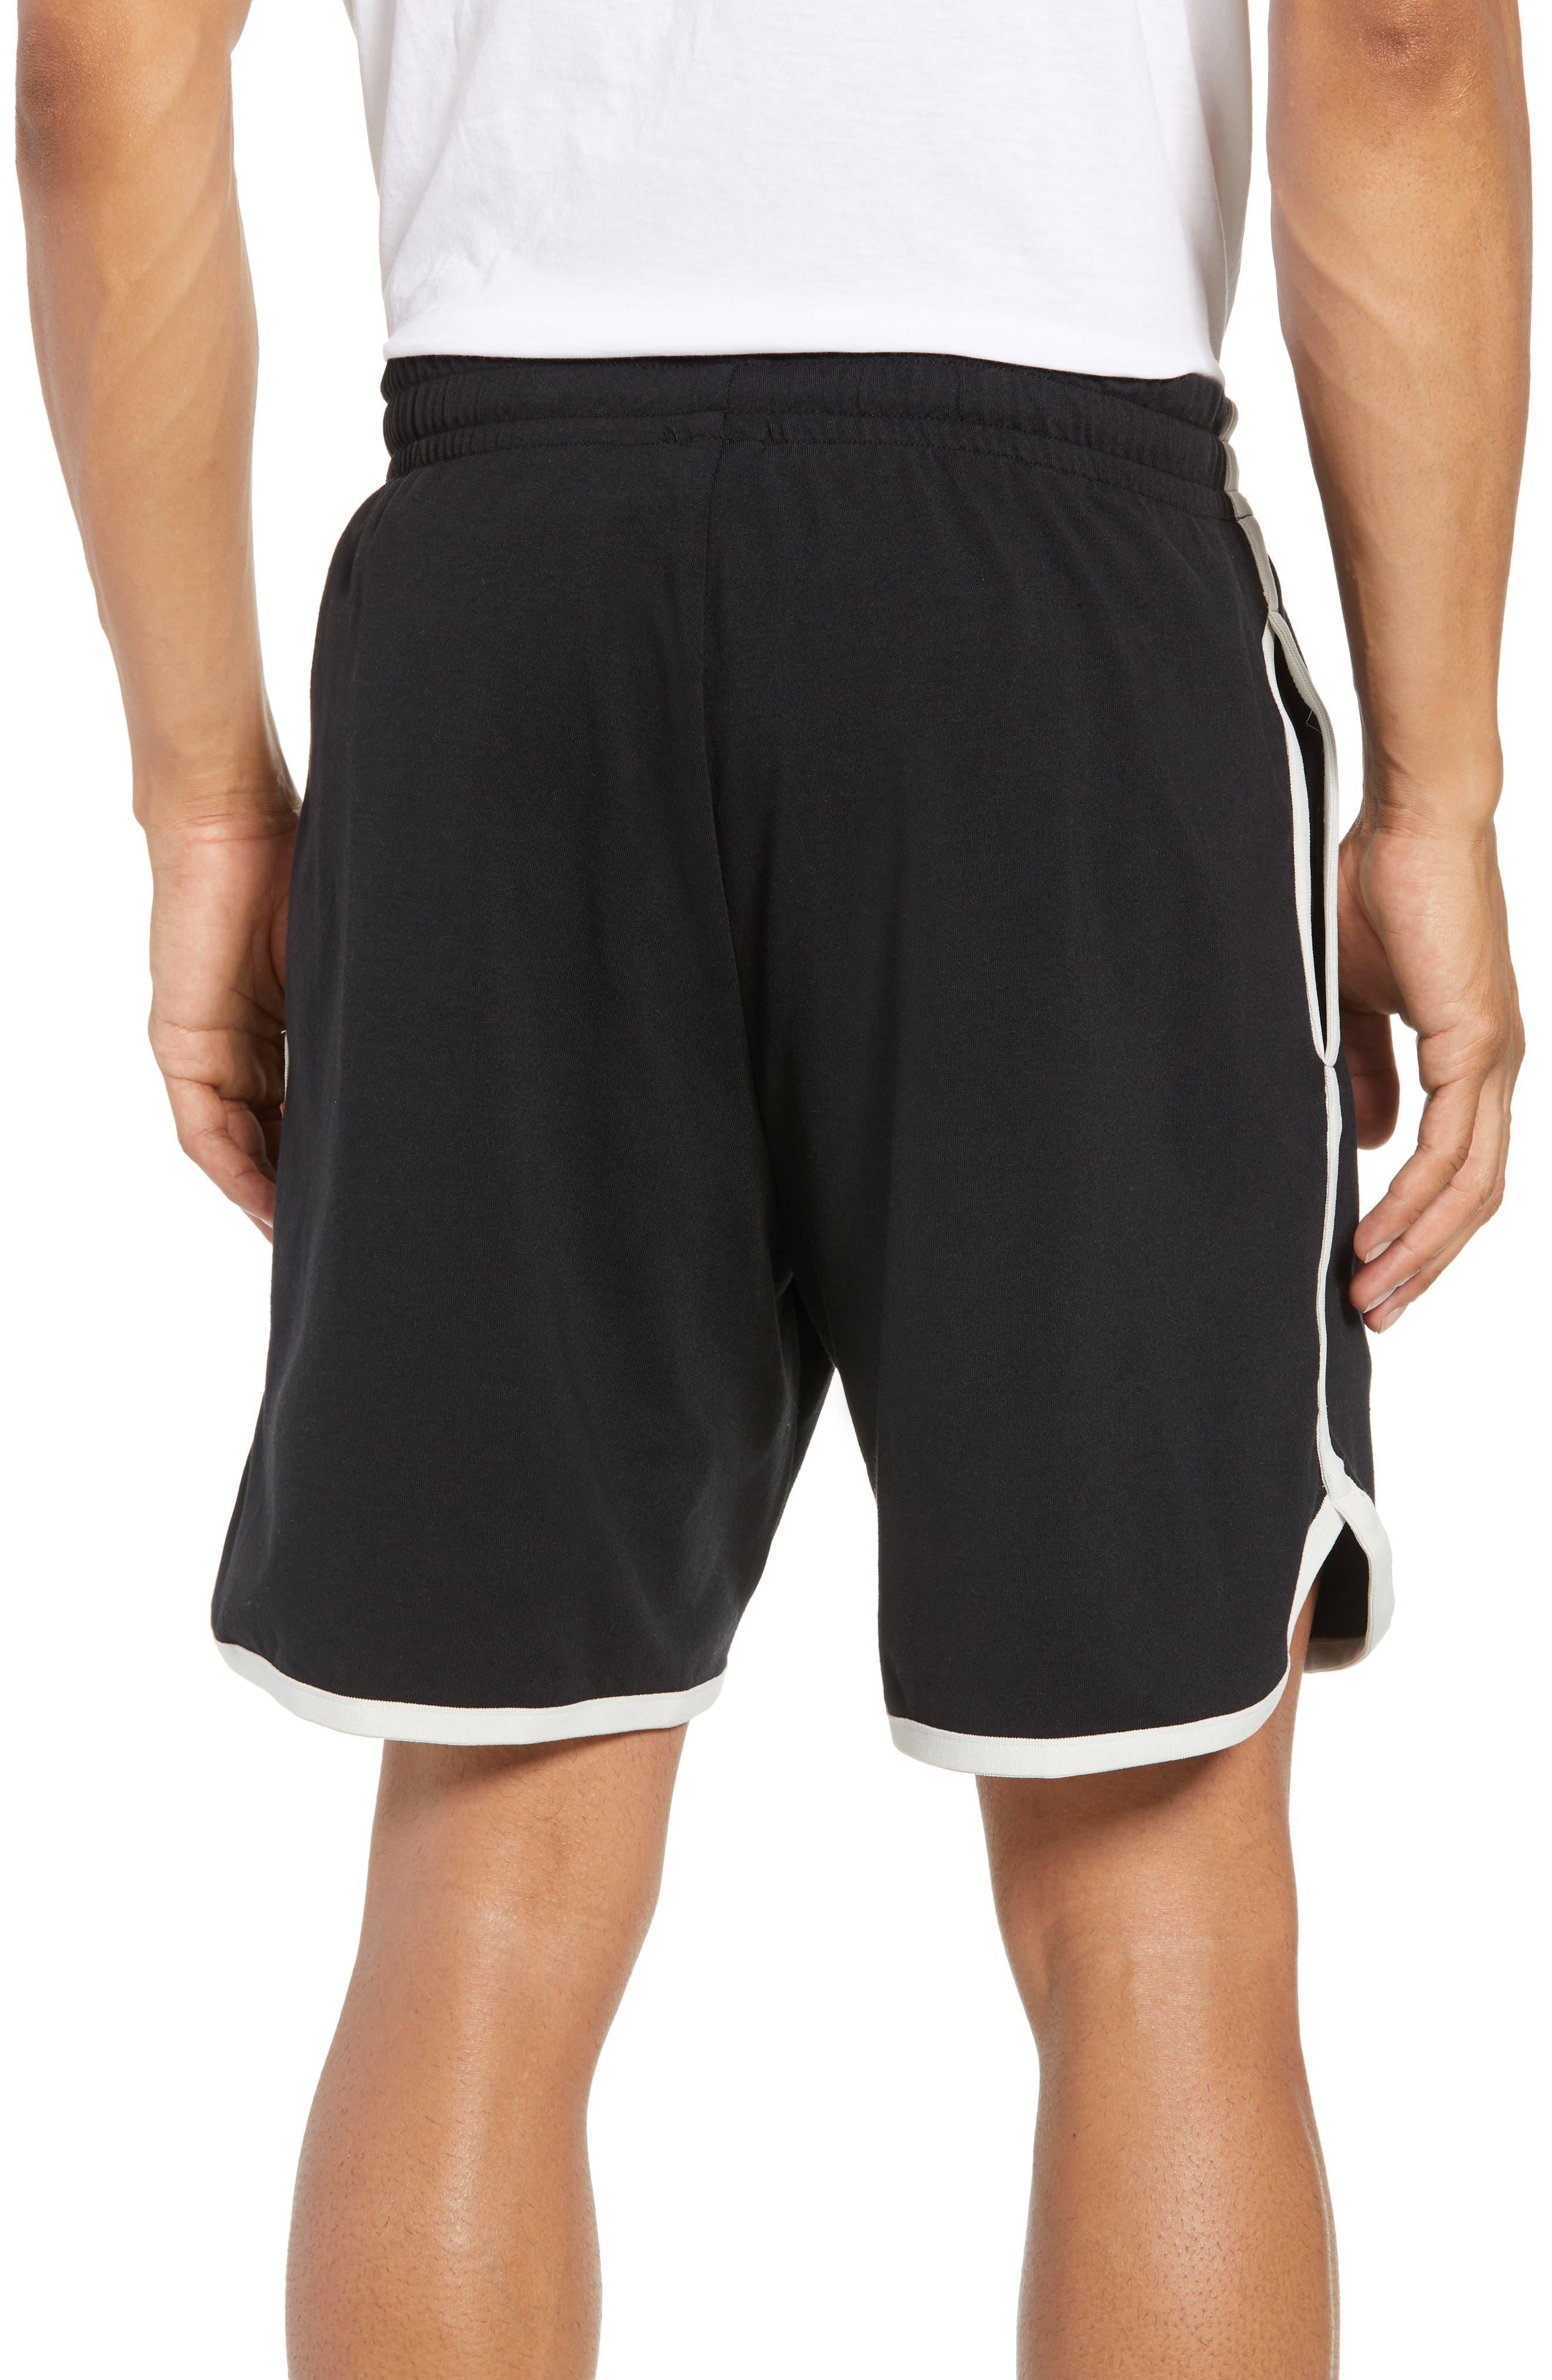 Vintage Regular Fit Gym Shorts,                             Alternate thumbnail 2, color,                             001